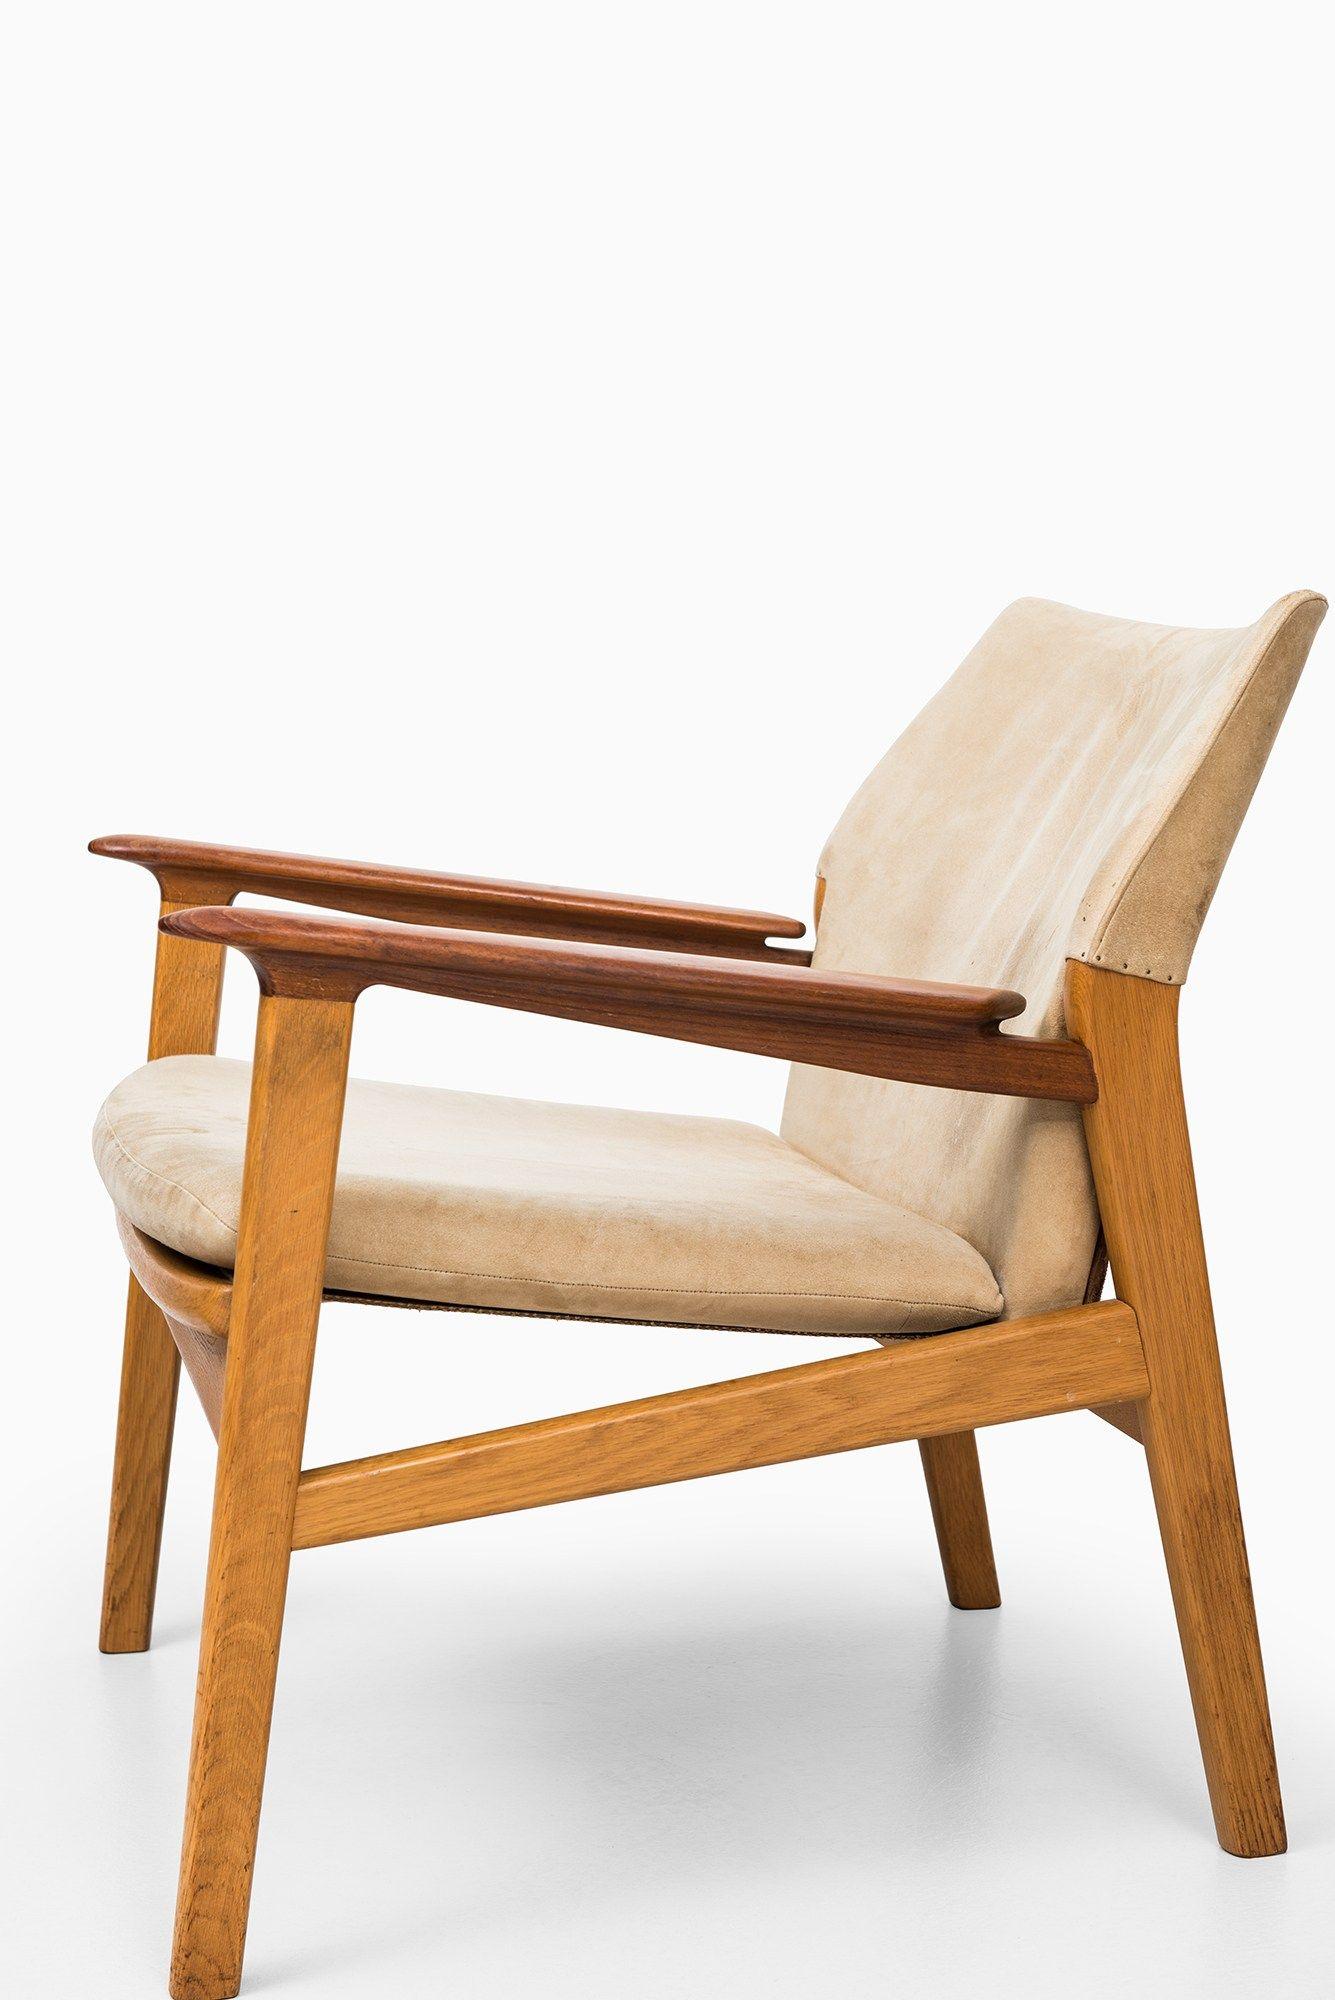 Hans Olsen Easy Chairs Studio Schalling Swing Chair Bedroom Chair Design Wooden Wooden Chair